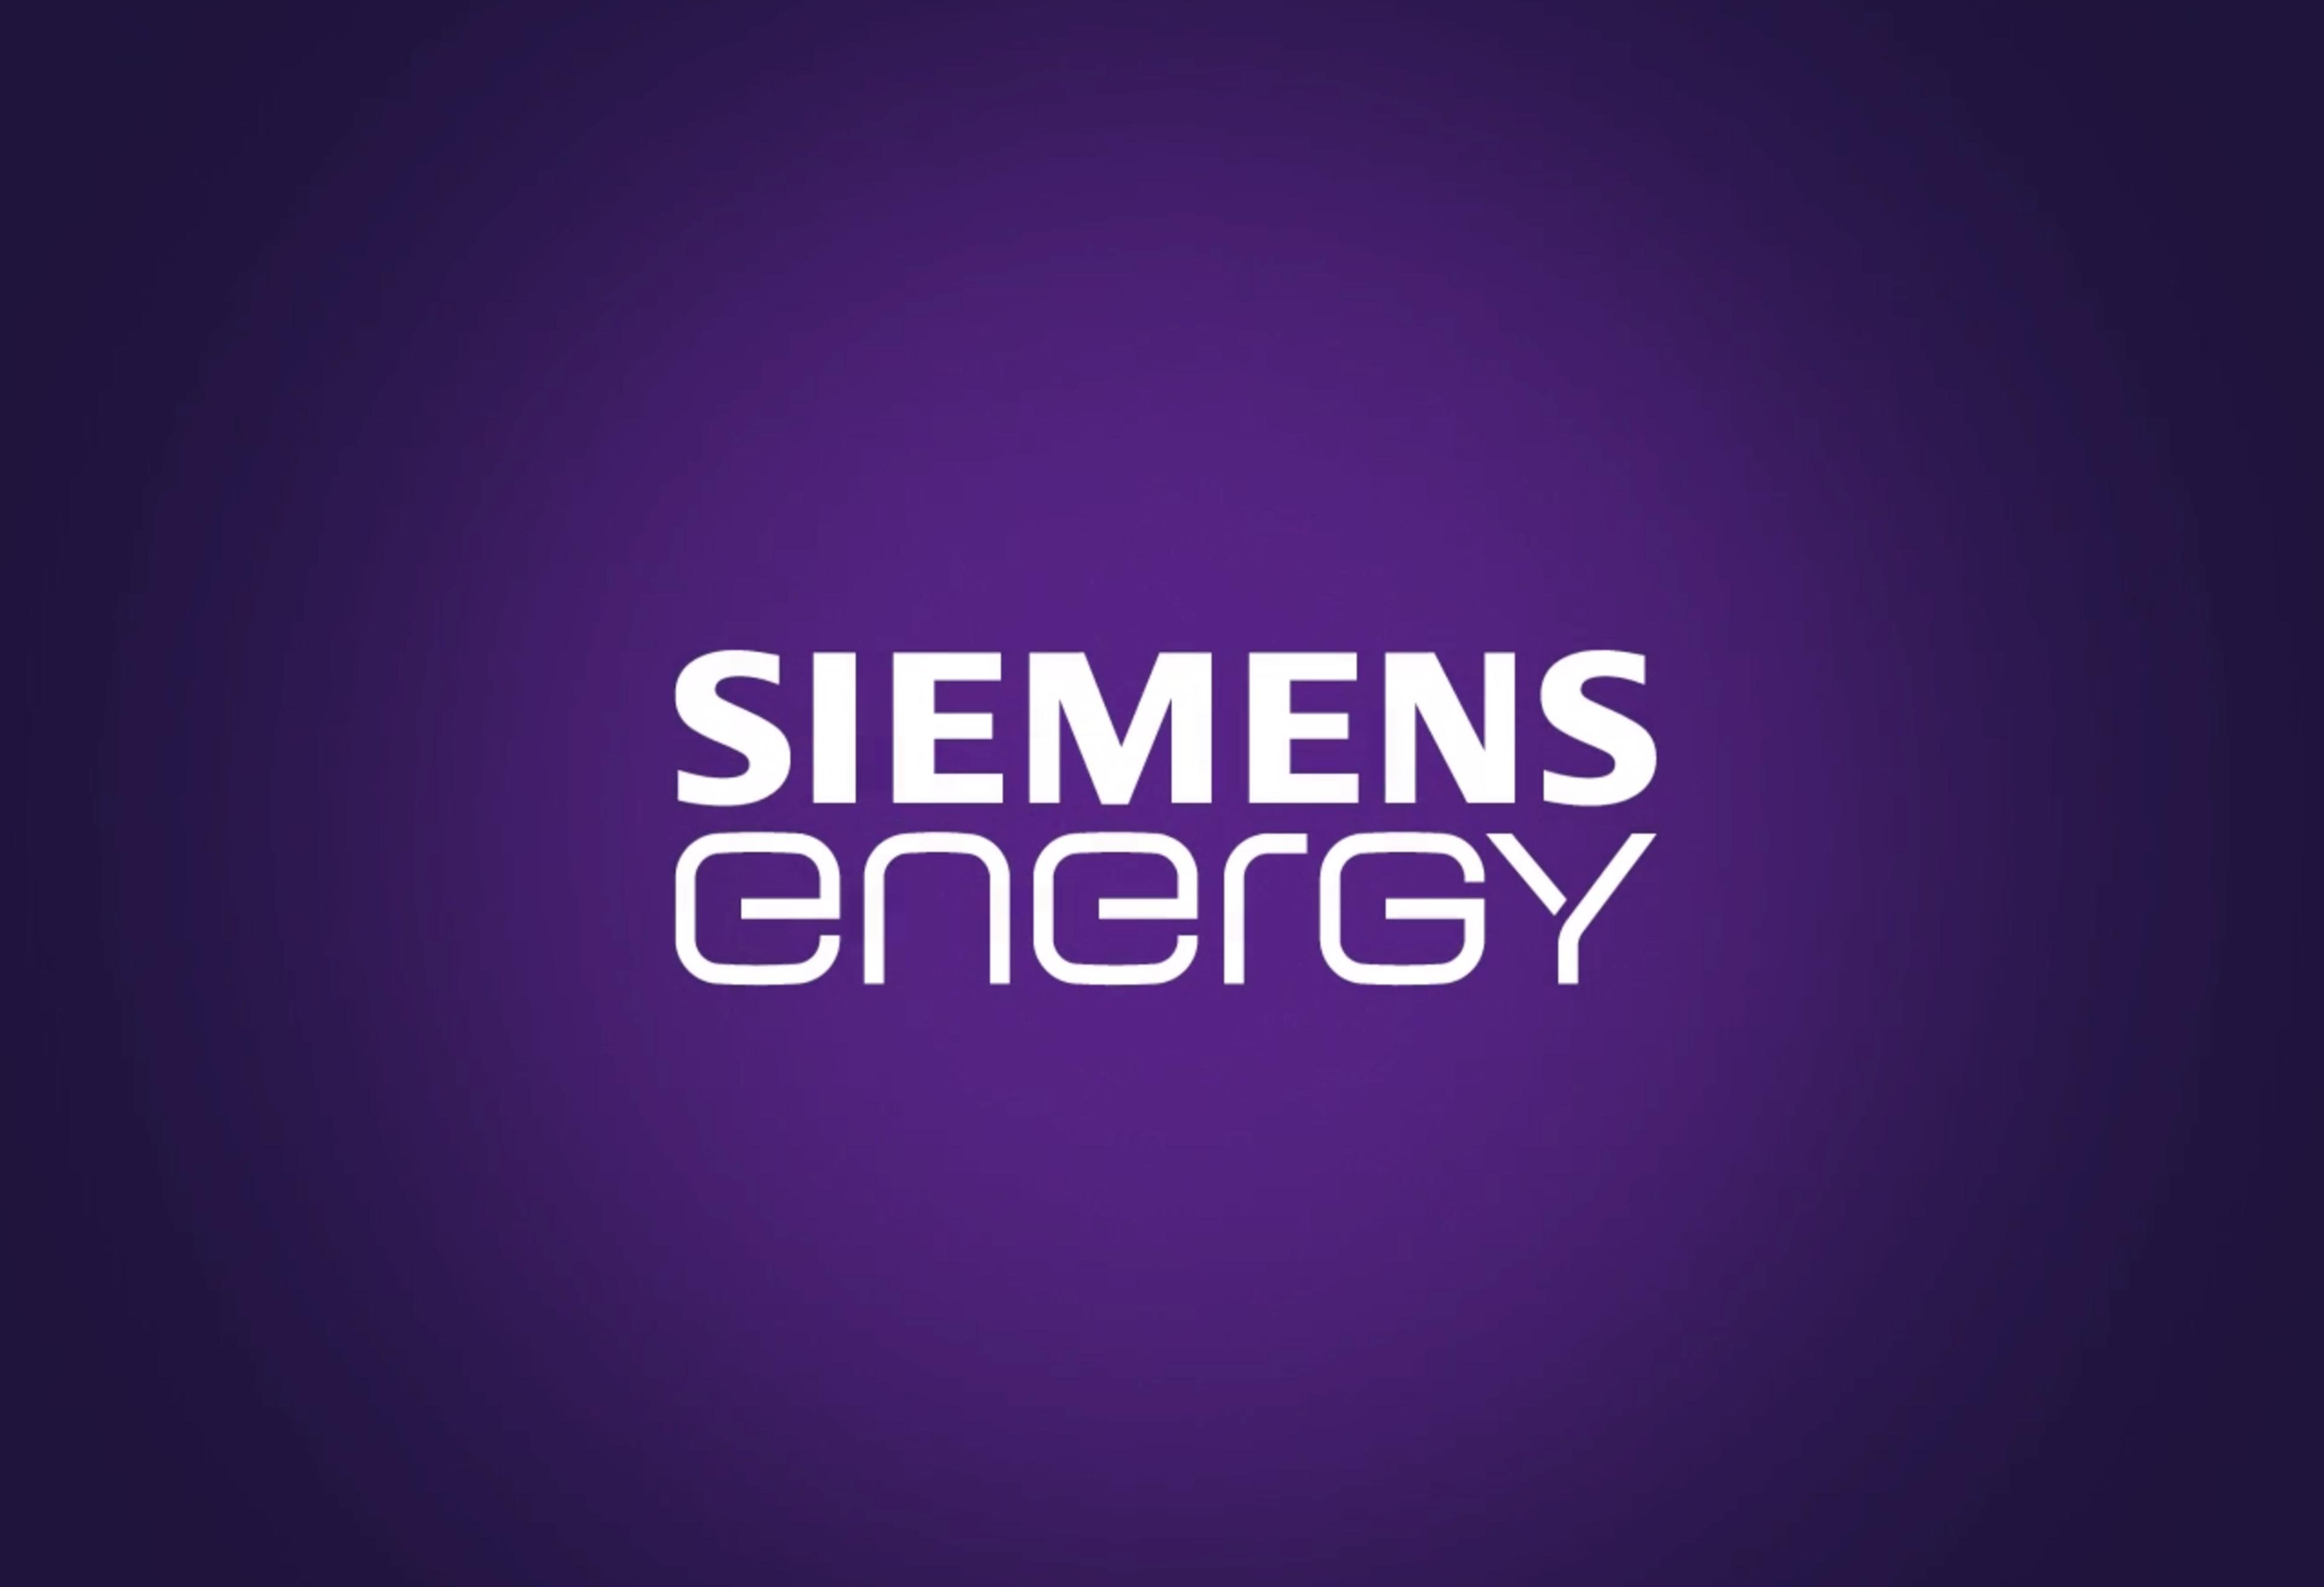 Siemens Energie